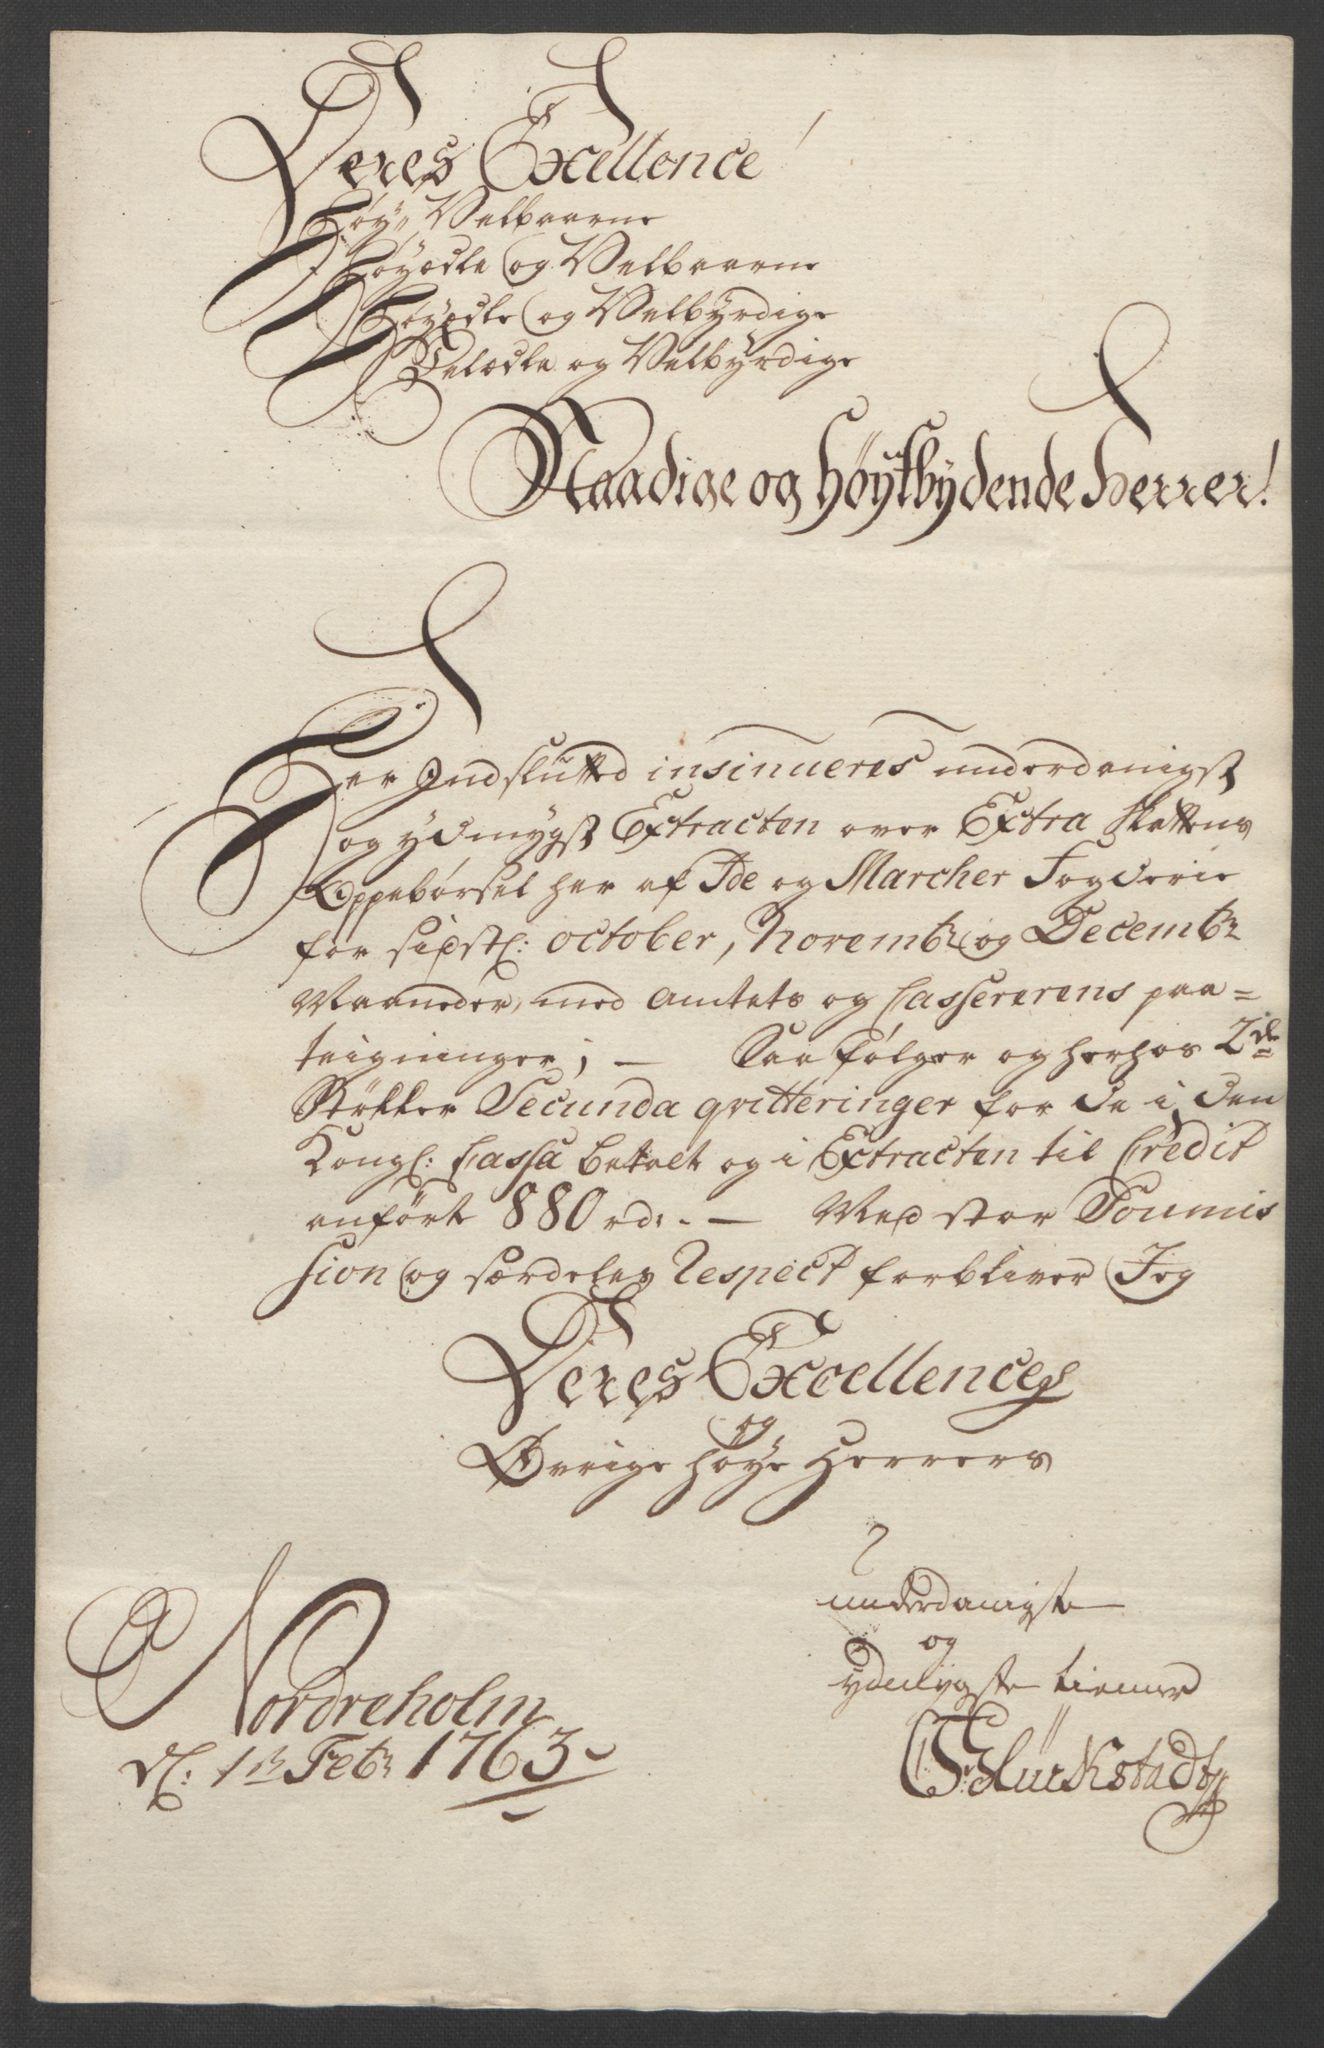 RA, Rentekammeret inntil 1814, Reviderte regnskaper, Fogderegnskap, R01/L0097: Ekstraskatten Idd og Marker, 1756-1767, s. 108